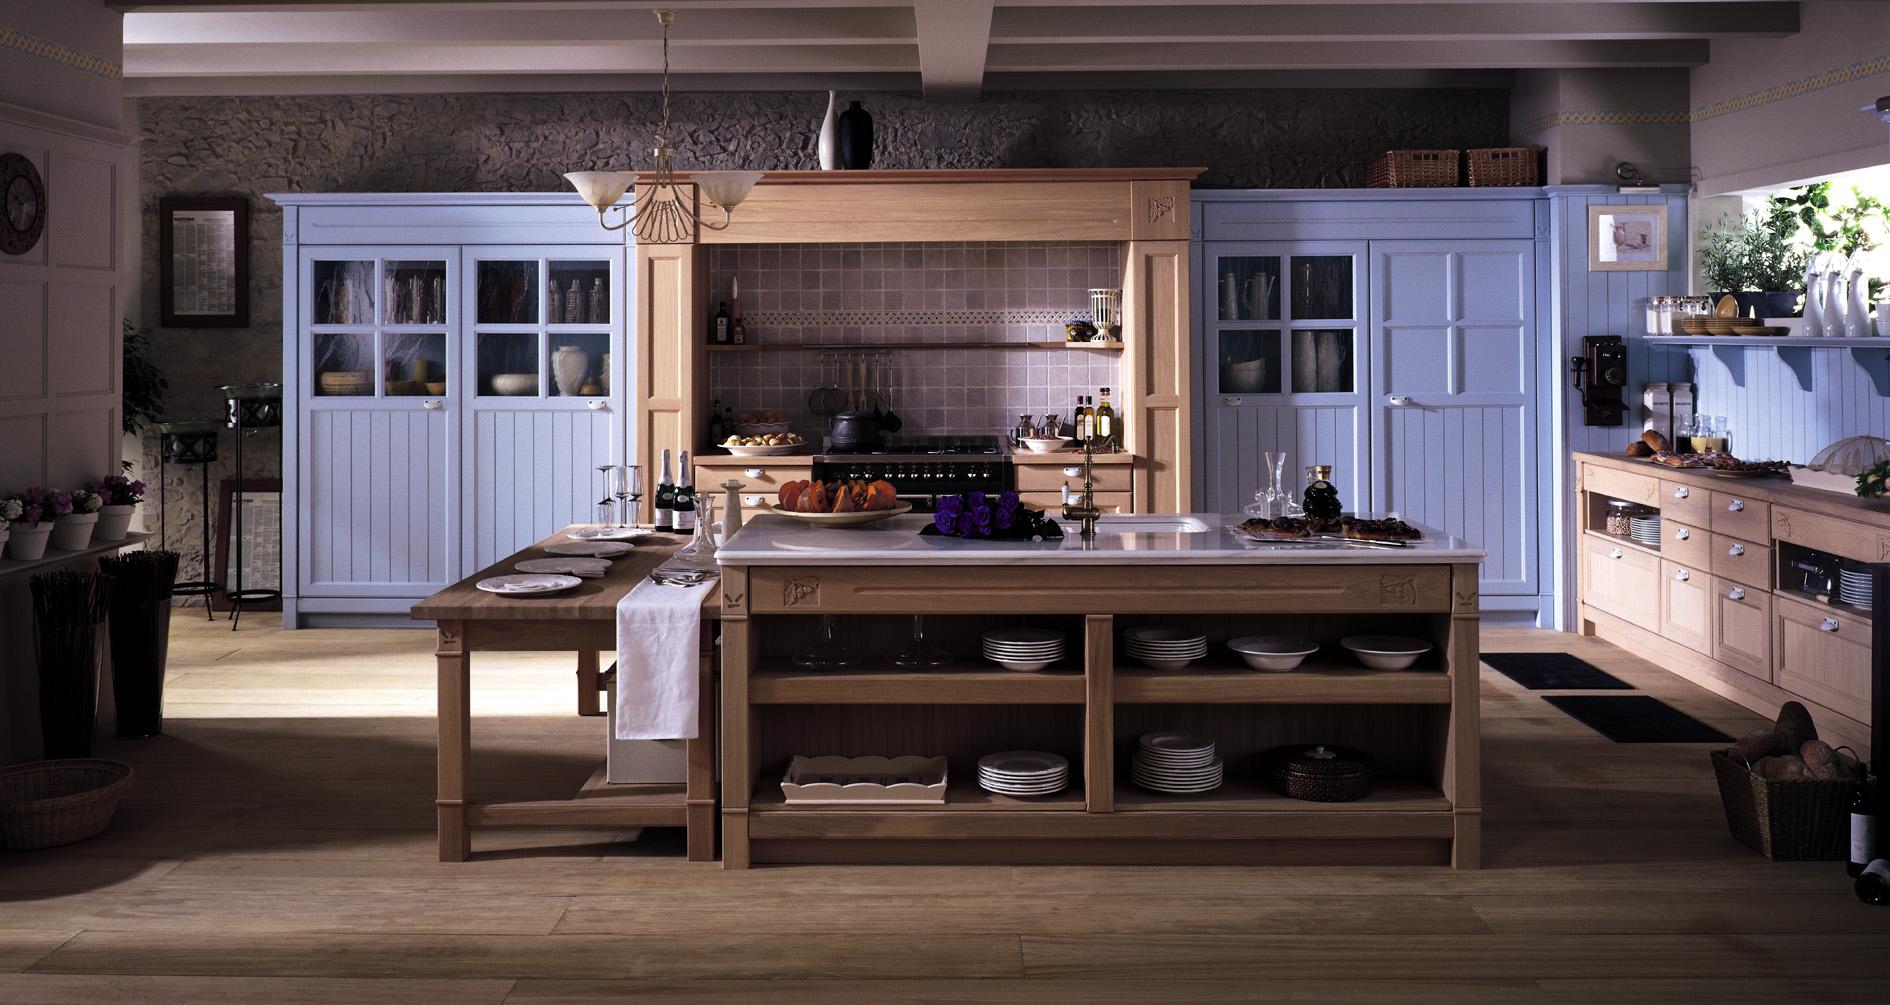 Muebles de cocina gunni trentino - Mesas rusticas de cocina ...